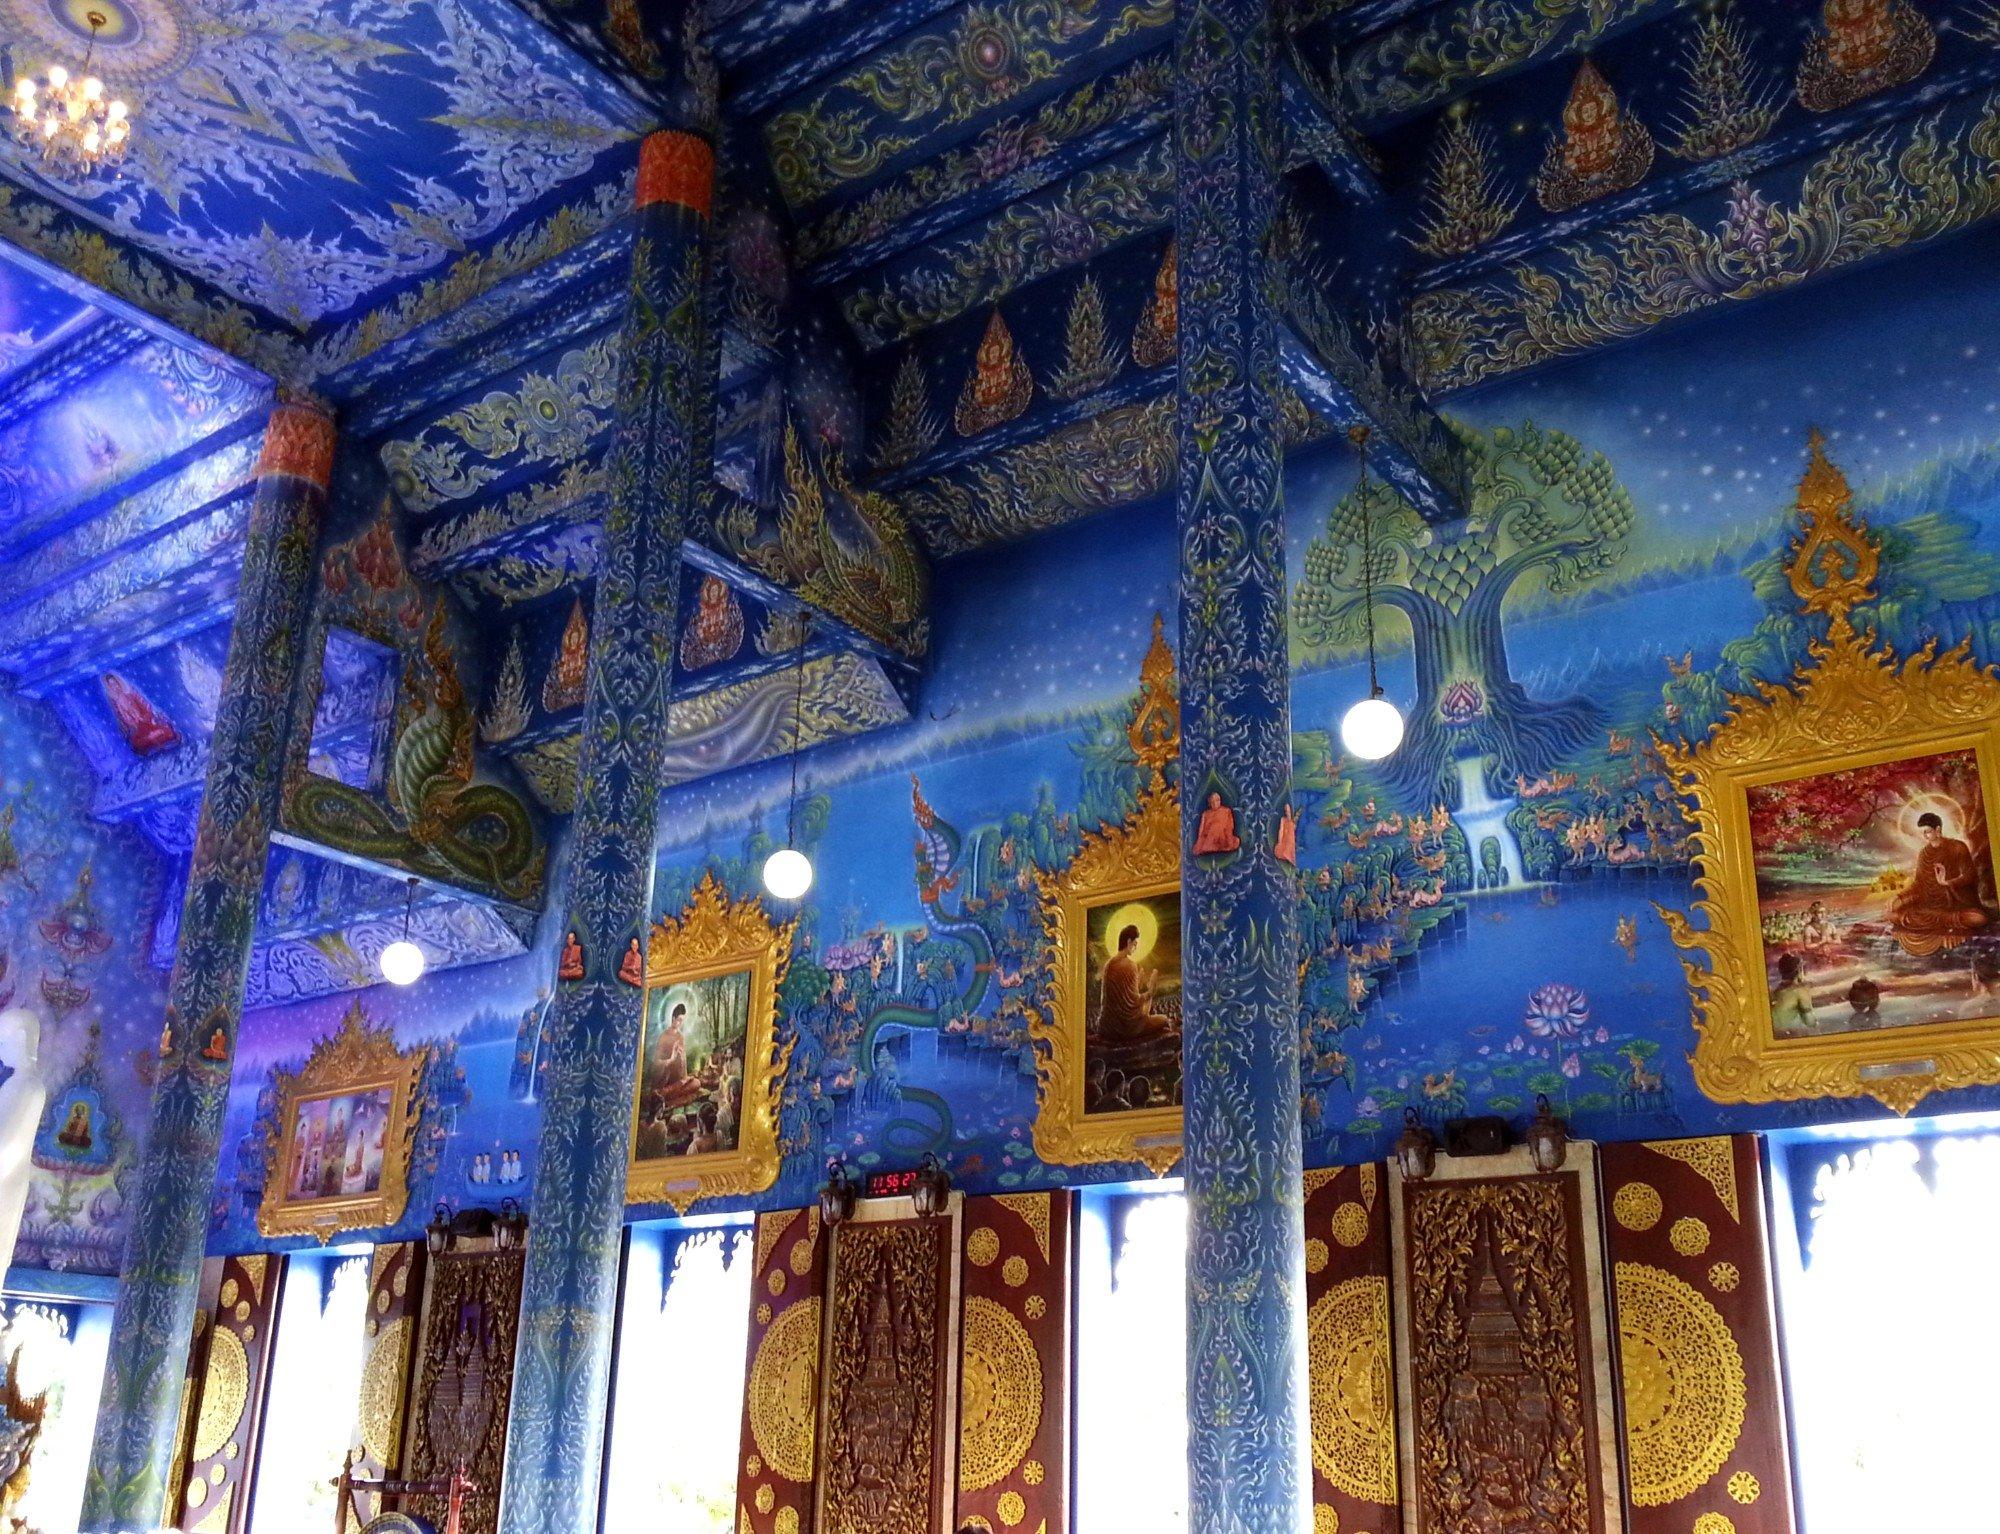 Wall murals at Wat Rong Seur Ten